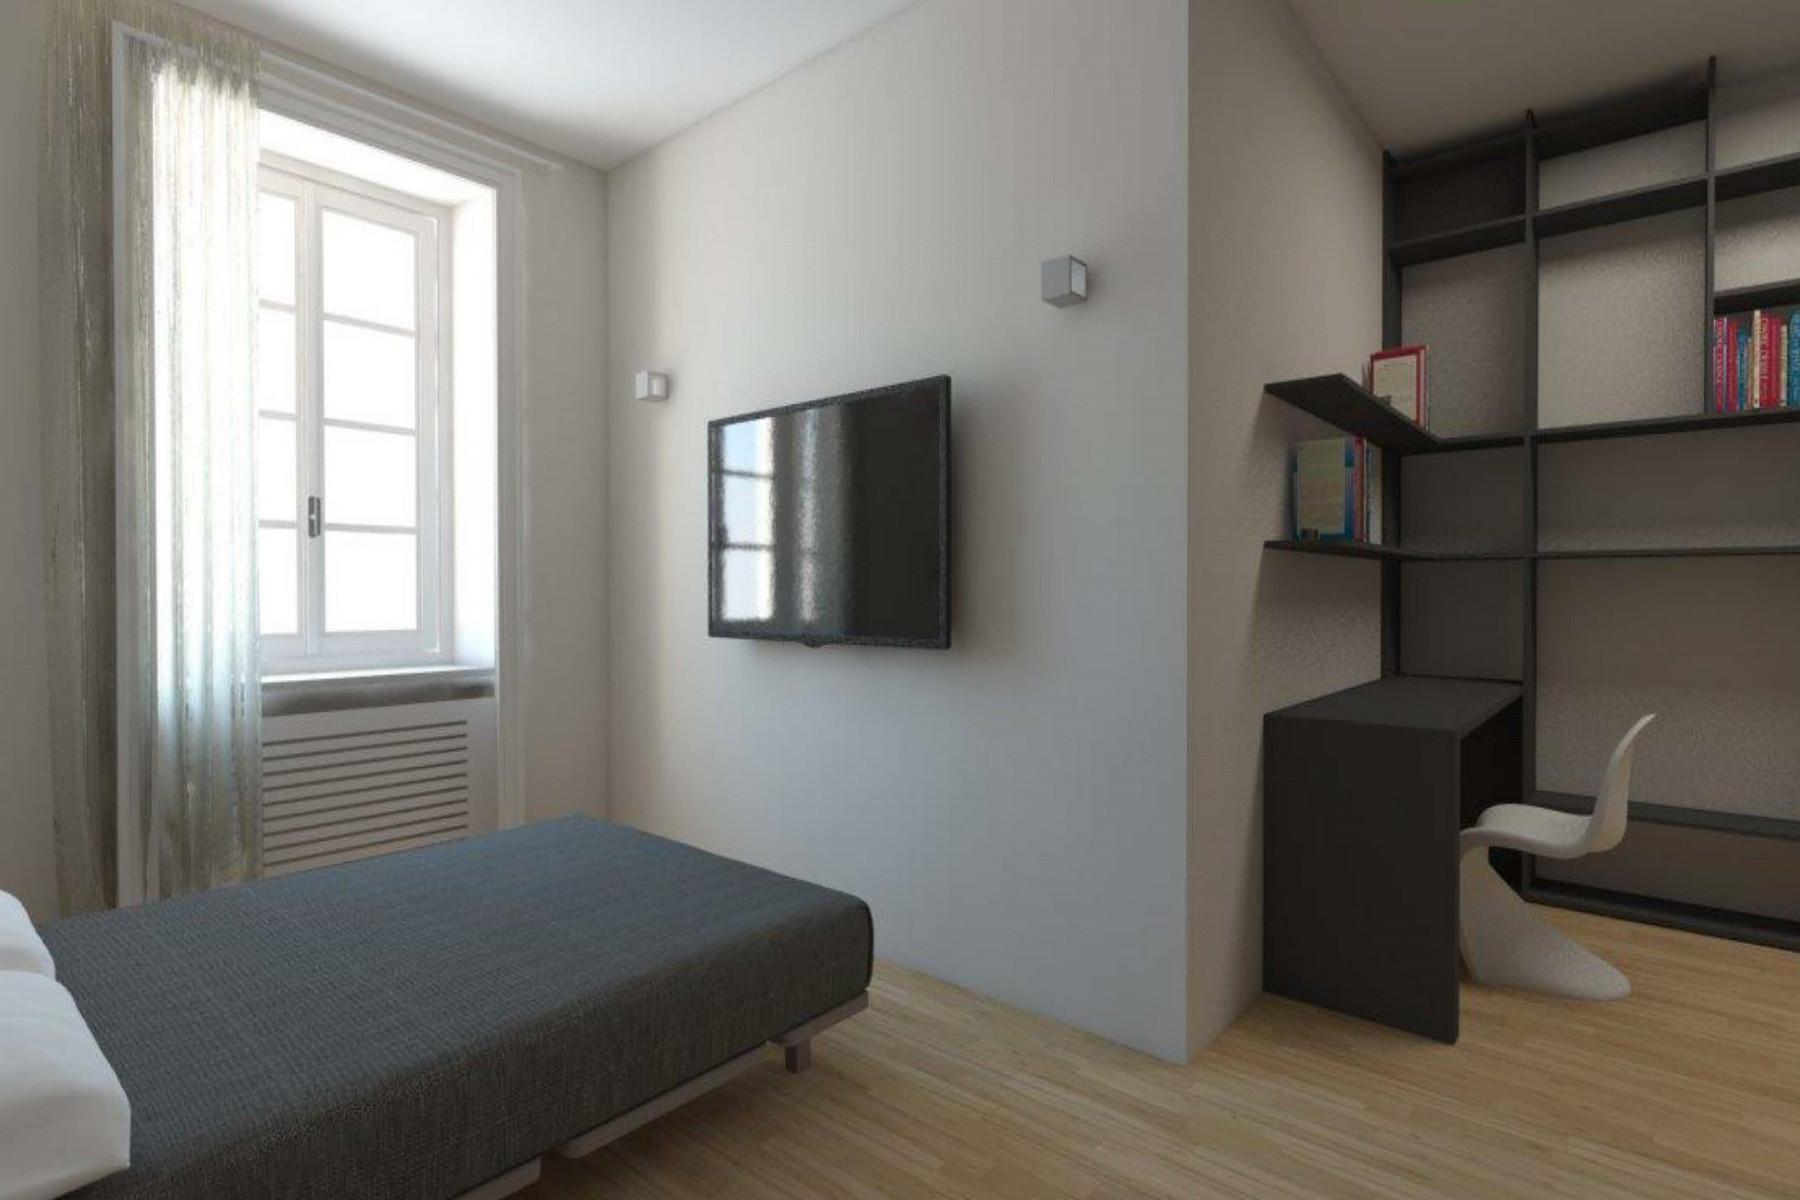 Appartamento in Vendita a Torino: 5 locali, 150 mq - Foto 5